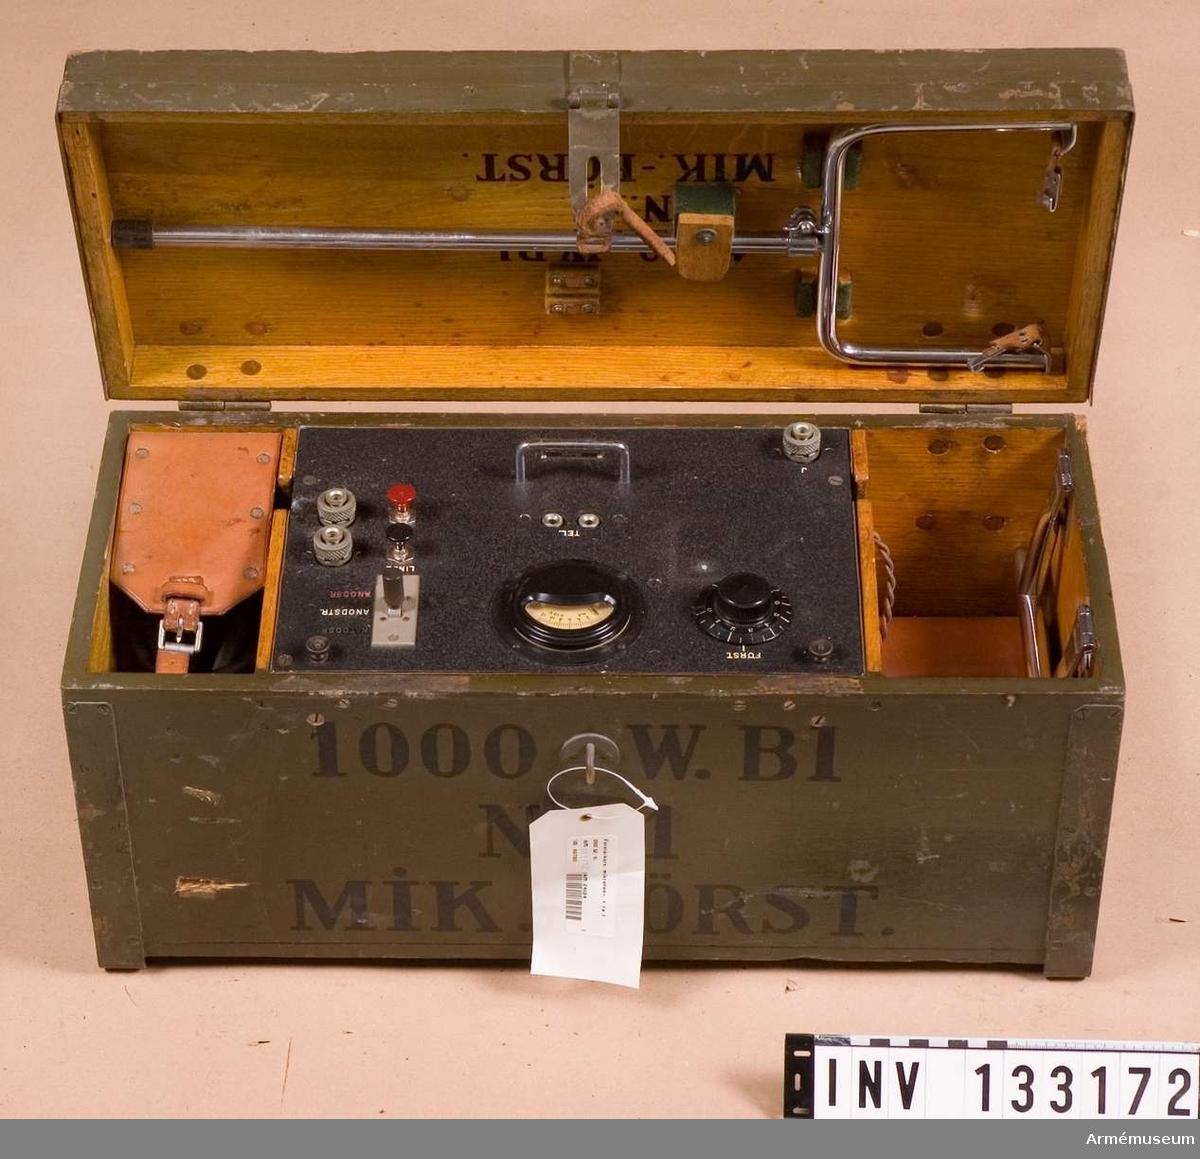 Grupp H II.  Mikrofonförstärkare, typ MIF 1 tnr 1030.  Tillbehör till radiostation 1000 W vari det bl. a. ingår motor, sändare, mod.förstärkare, mikrofonförstärkare, materiellåda med innehåll, antennlåda och generator.